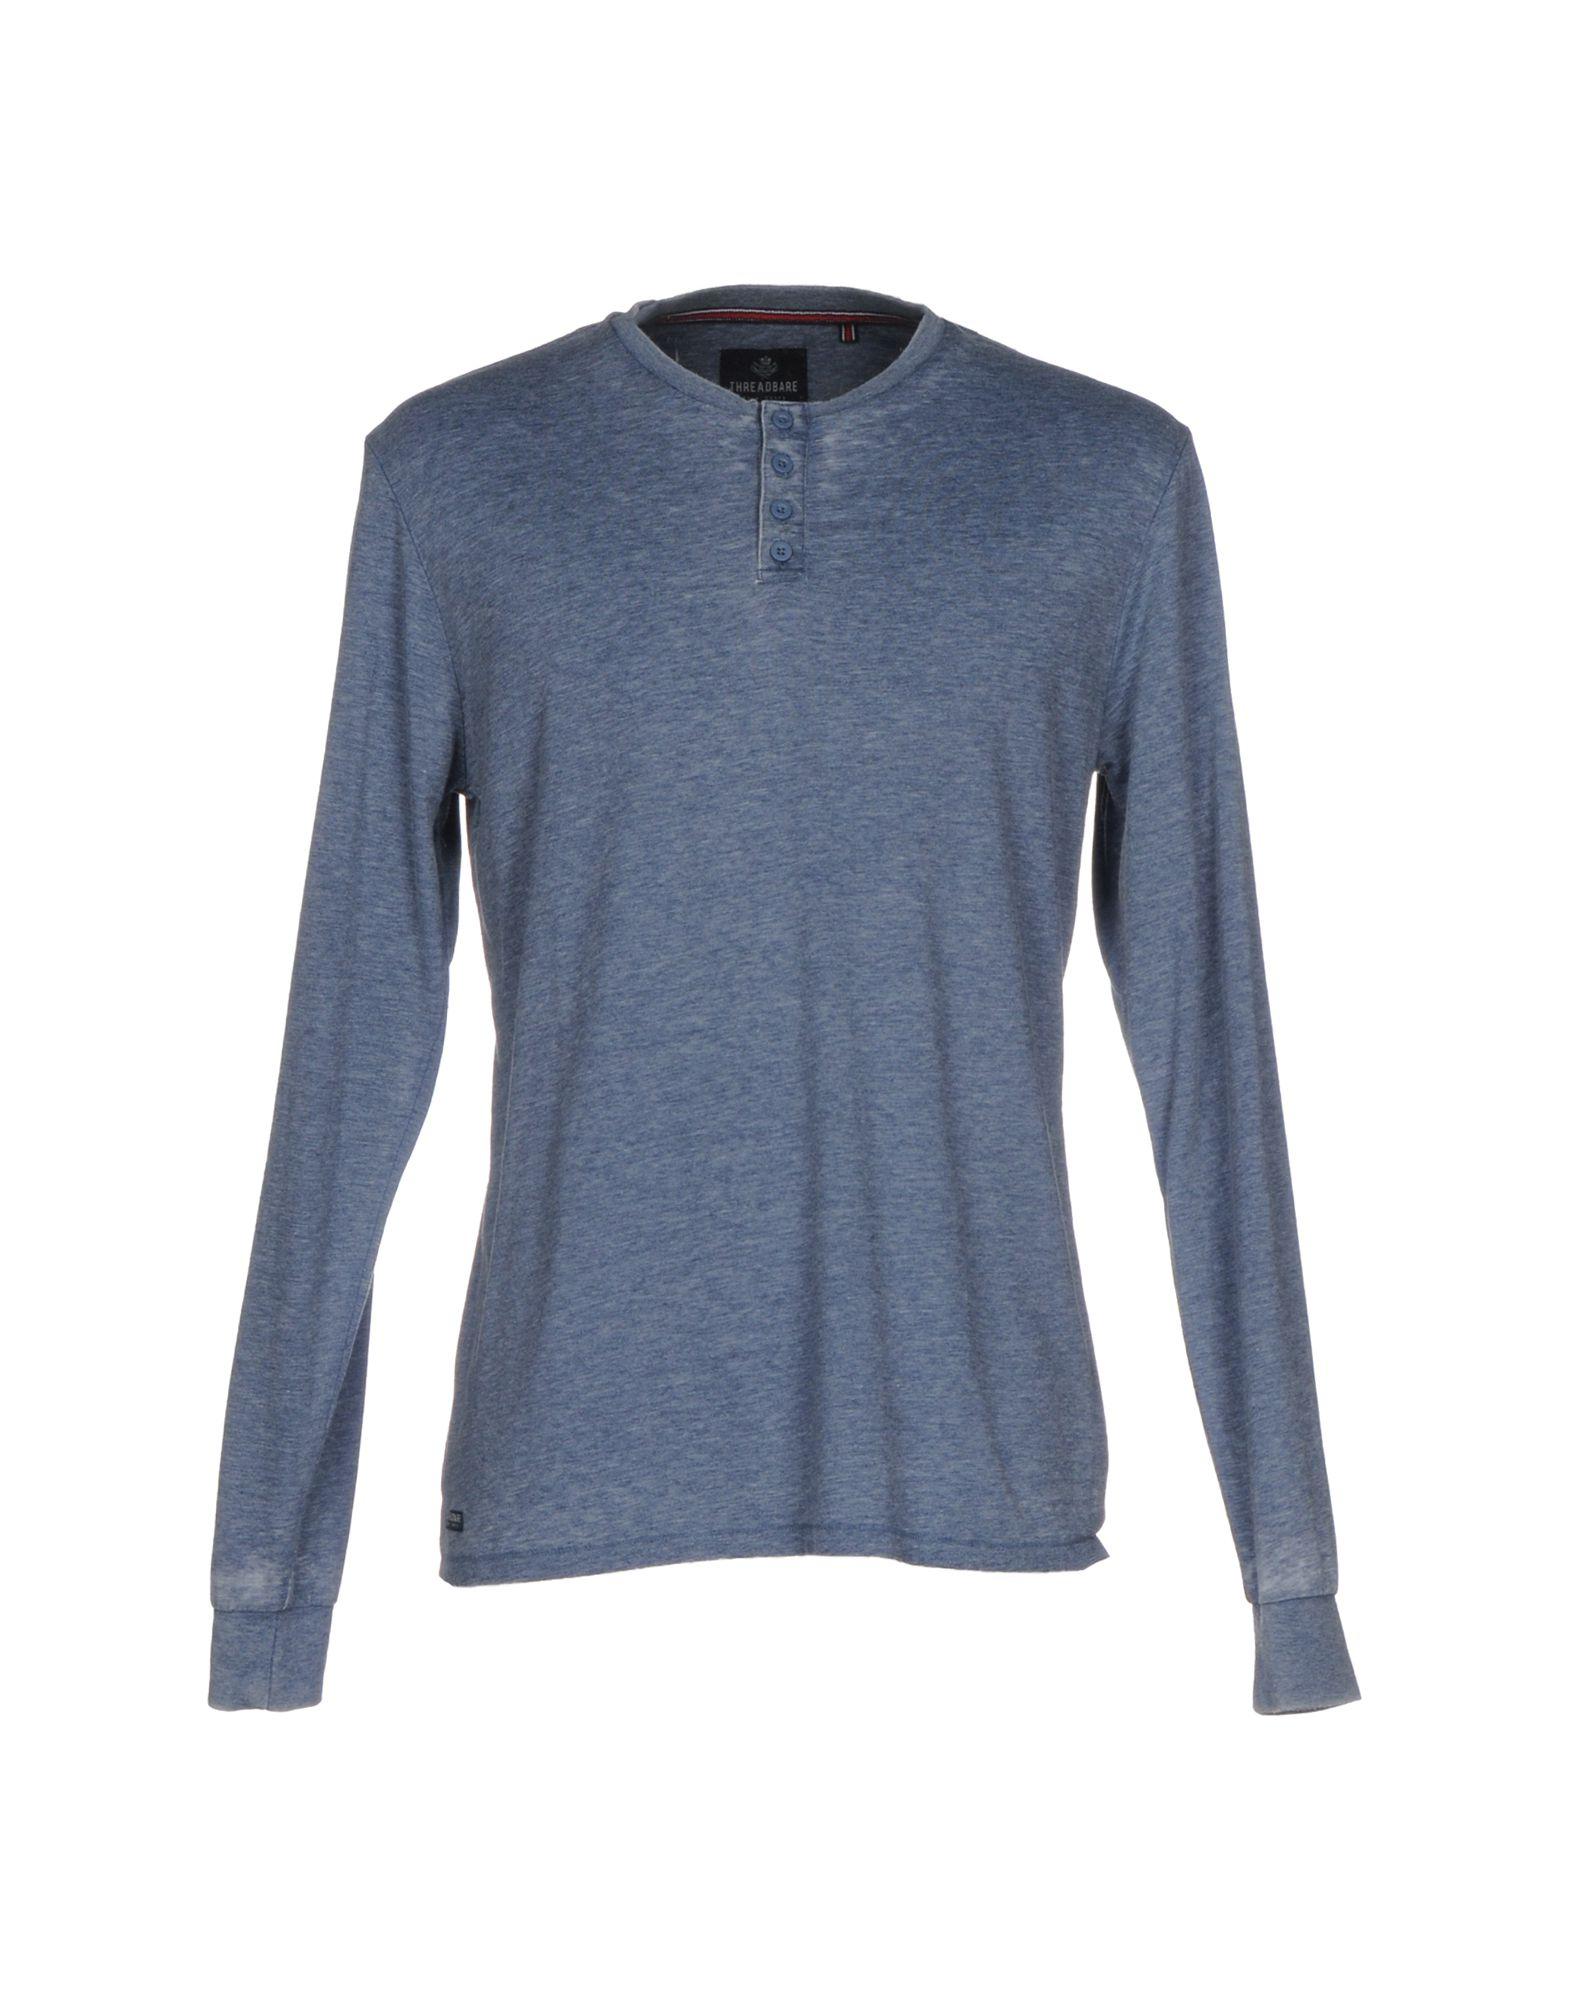 THREADBARE Herren T-shirts Farbe Blau Größe 7